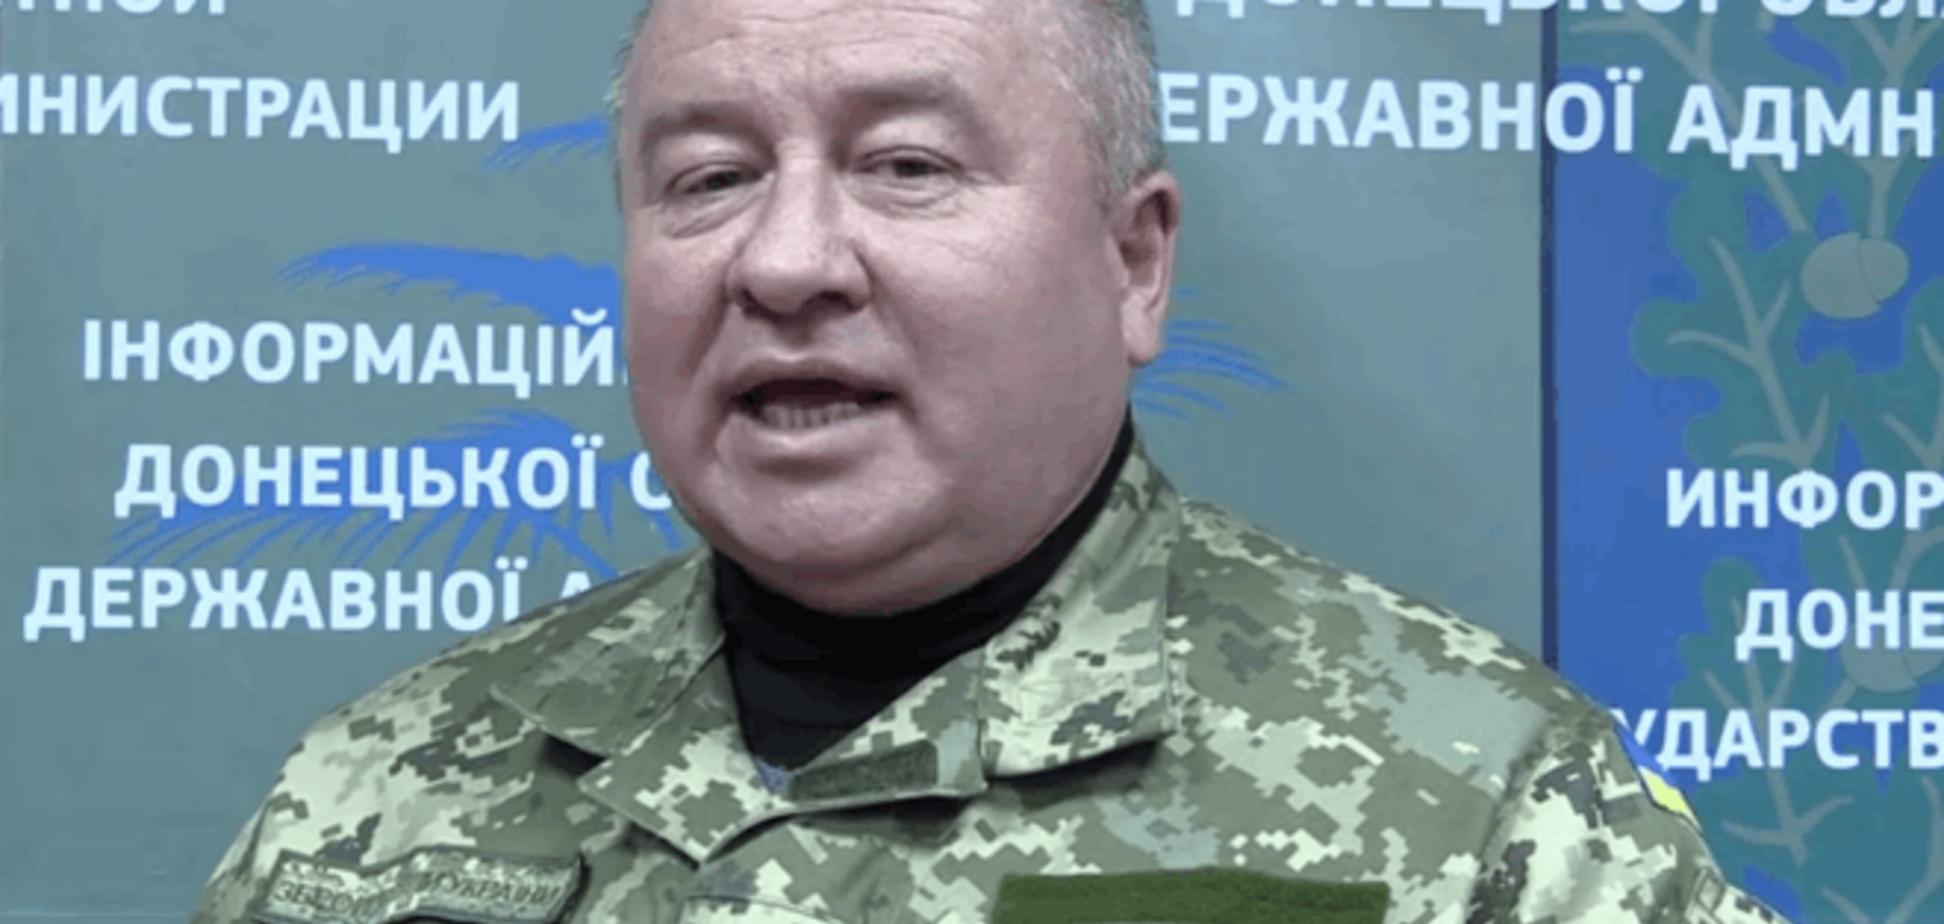 ДТП в Костянтинівці: офіцер розповів про 'звільнення' винуватця